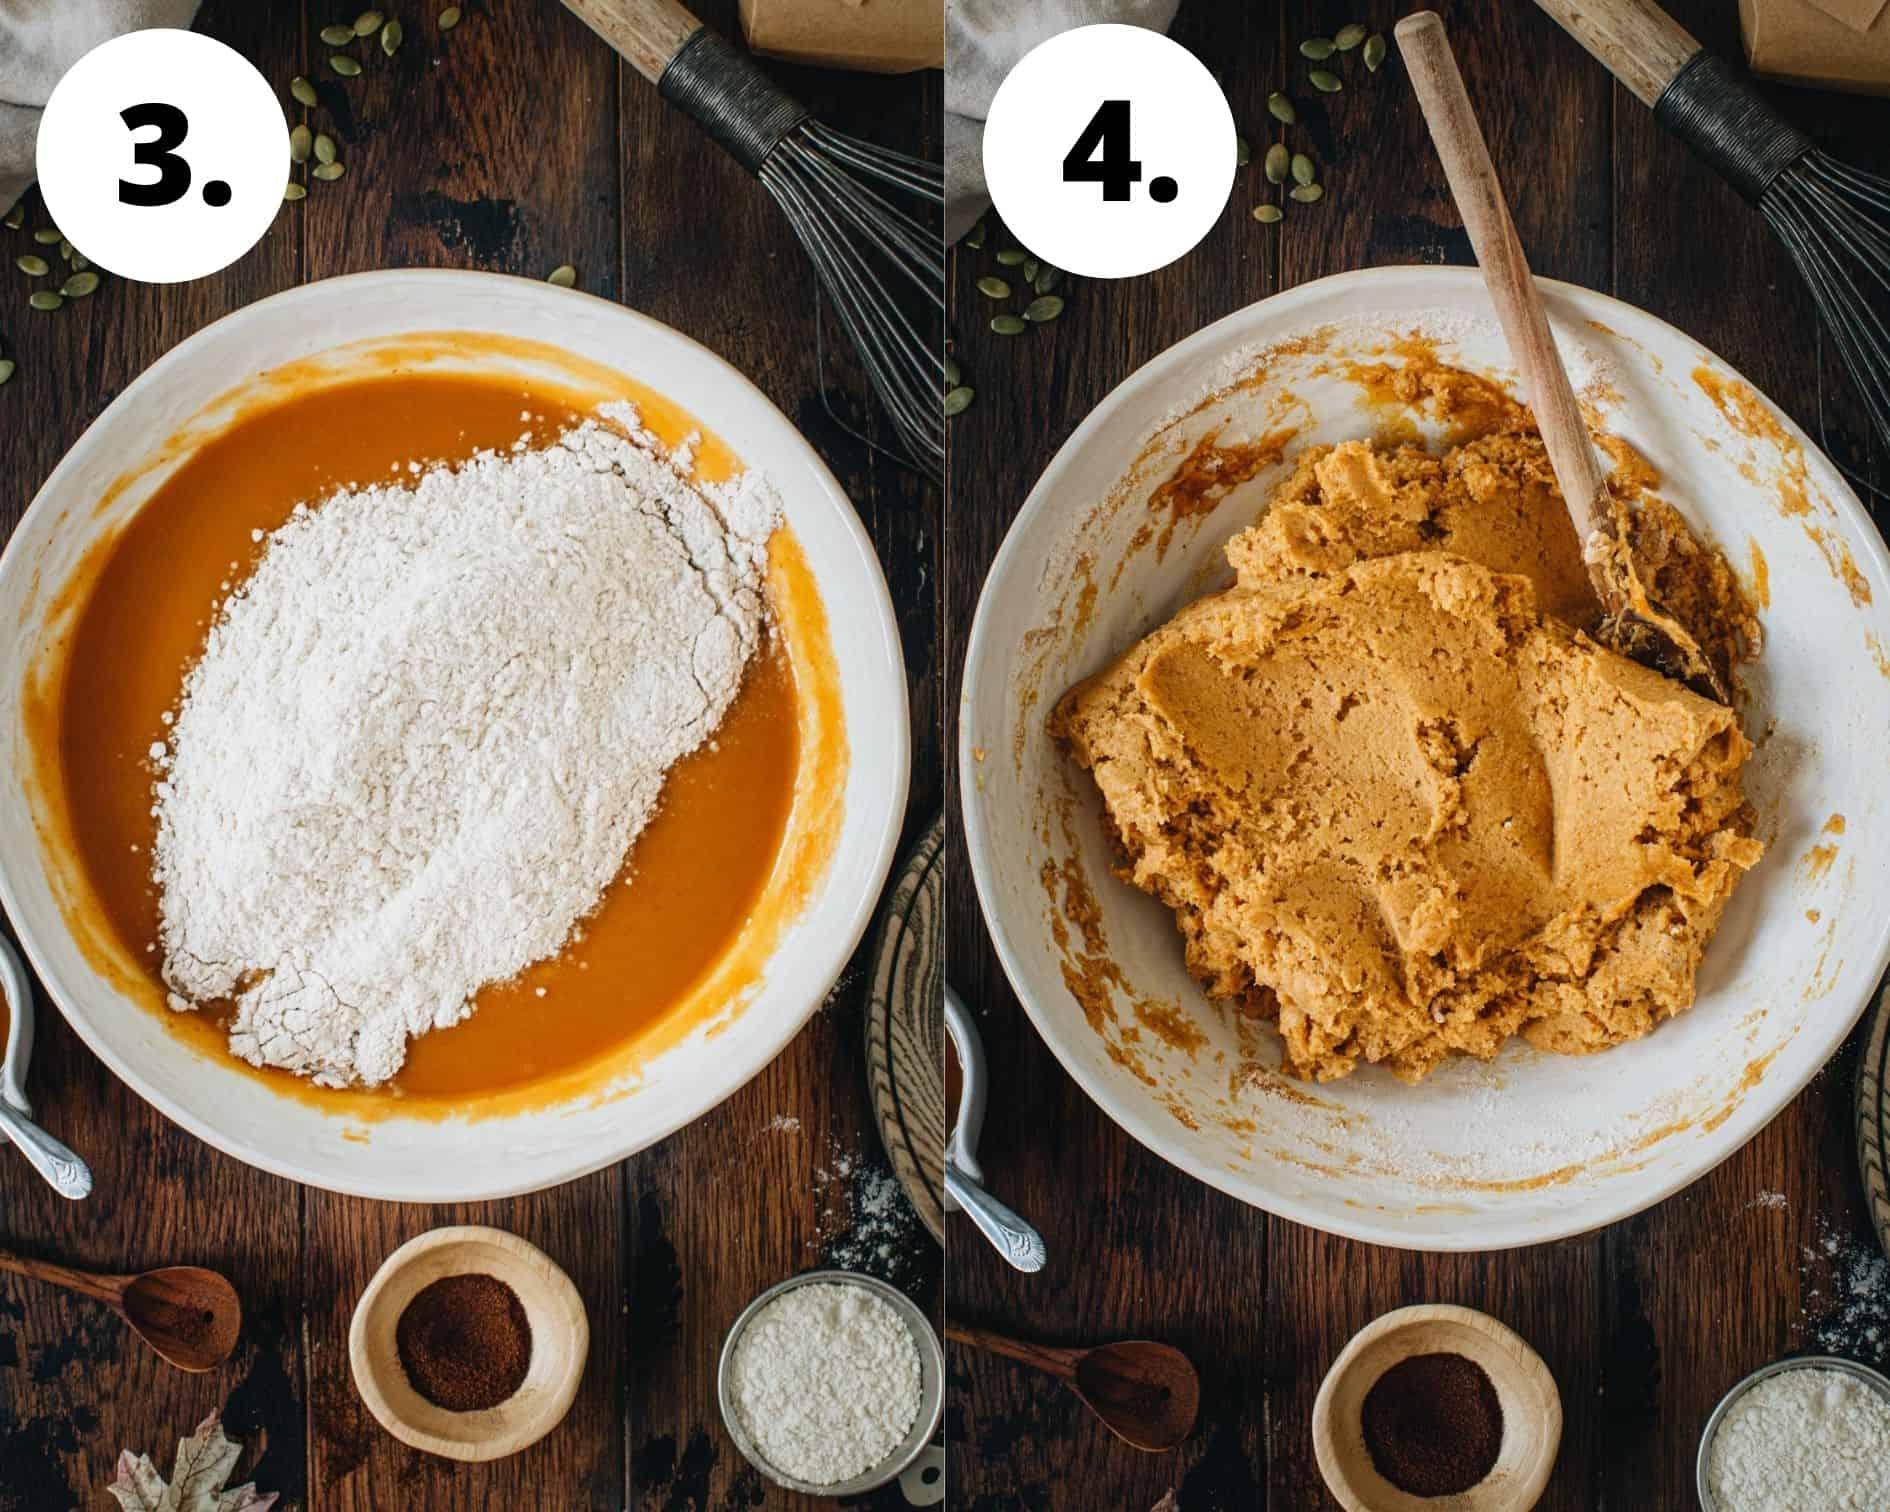 Vegan pumpkin muffins process steps 3 and 4.